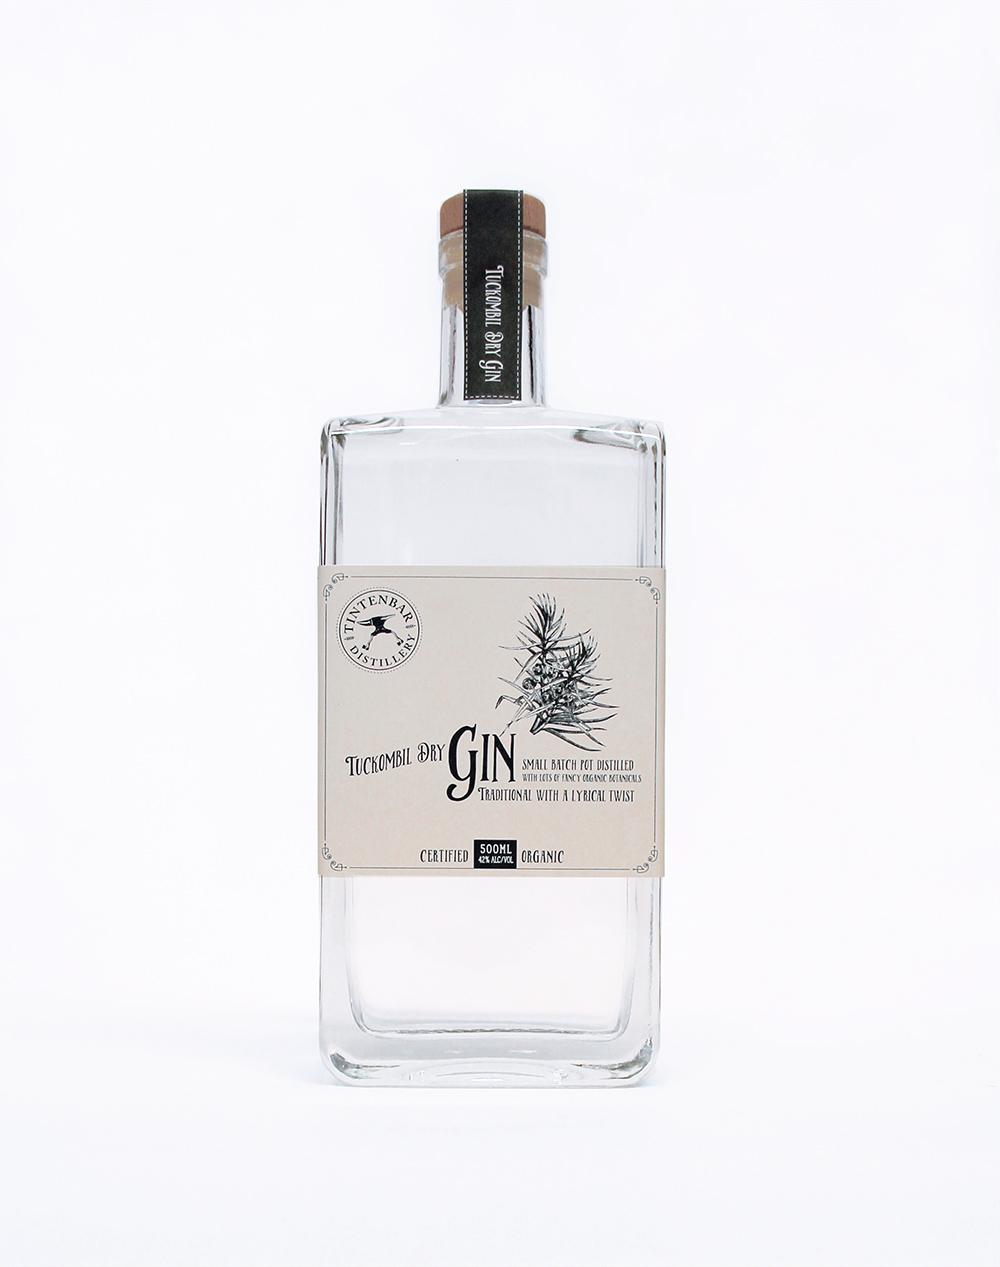 Tuckombil Dry Gin 500ml product photo